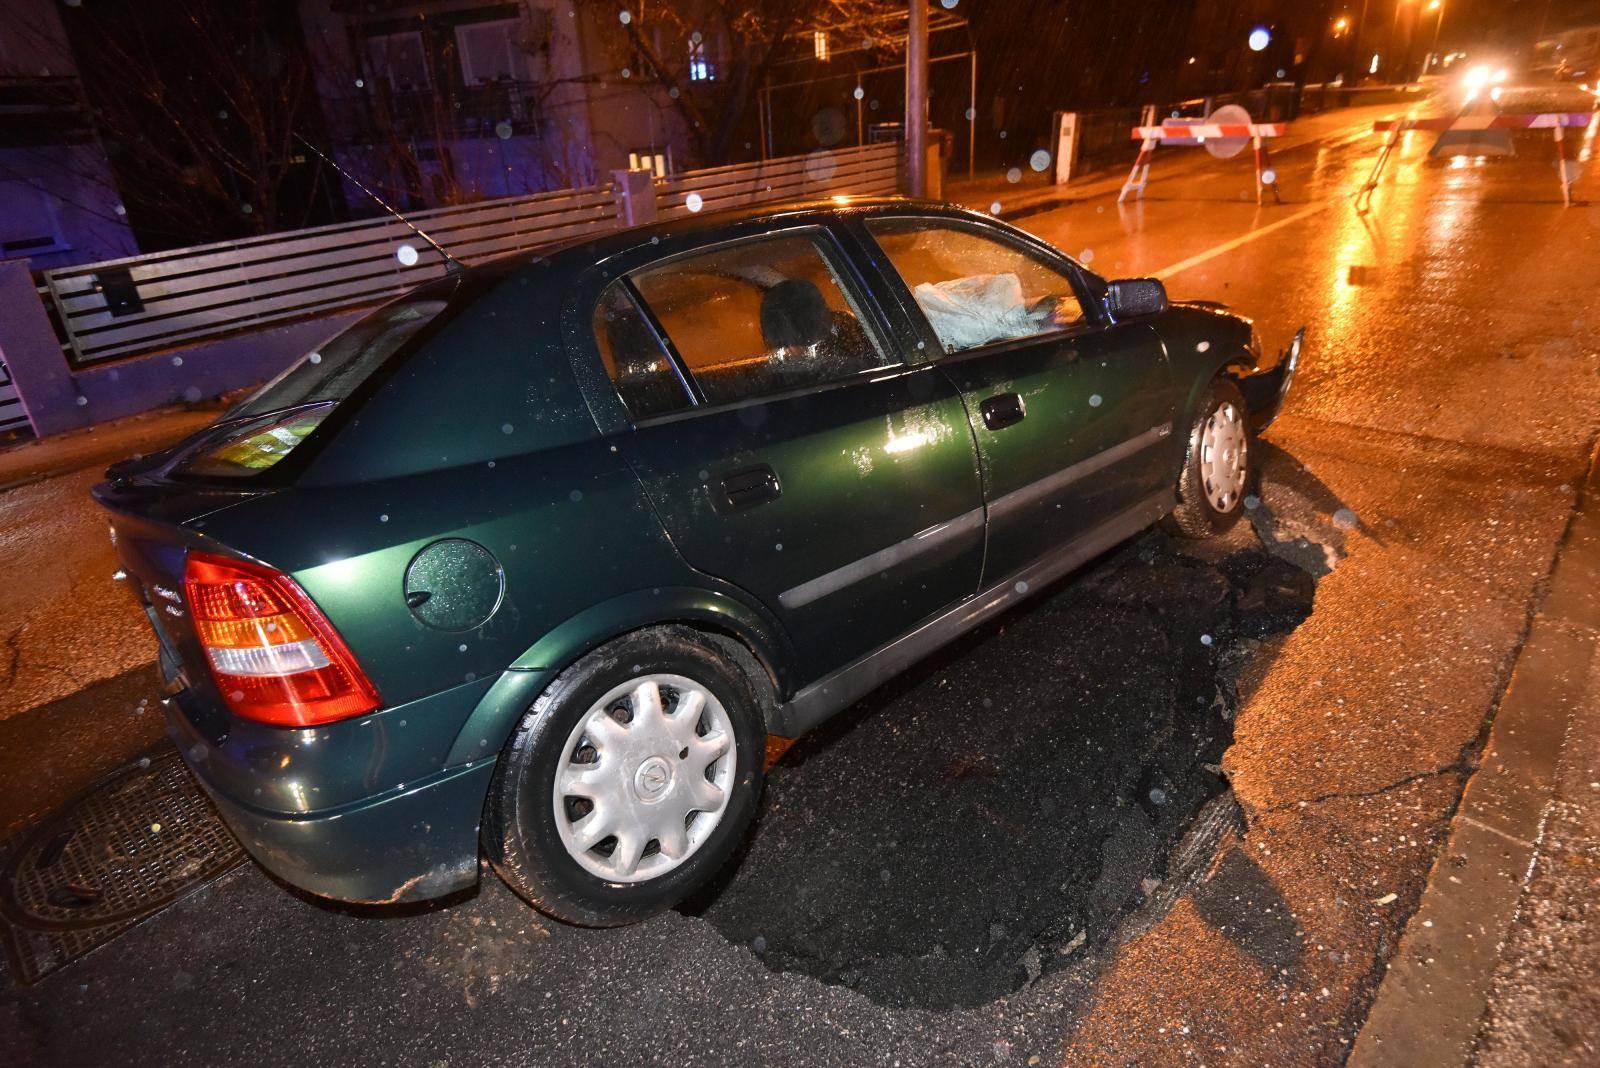 Ispod auta otvorila se cesta - vozača odvela Hitna pomoć